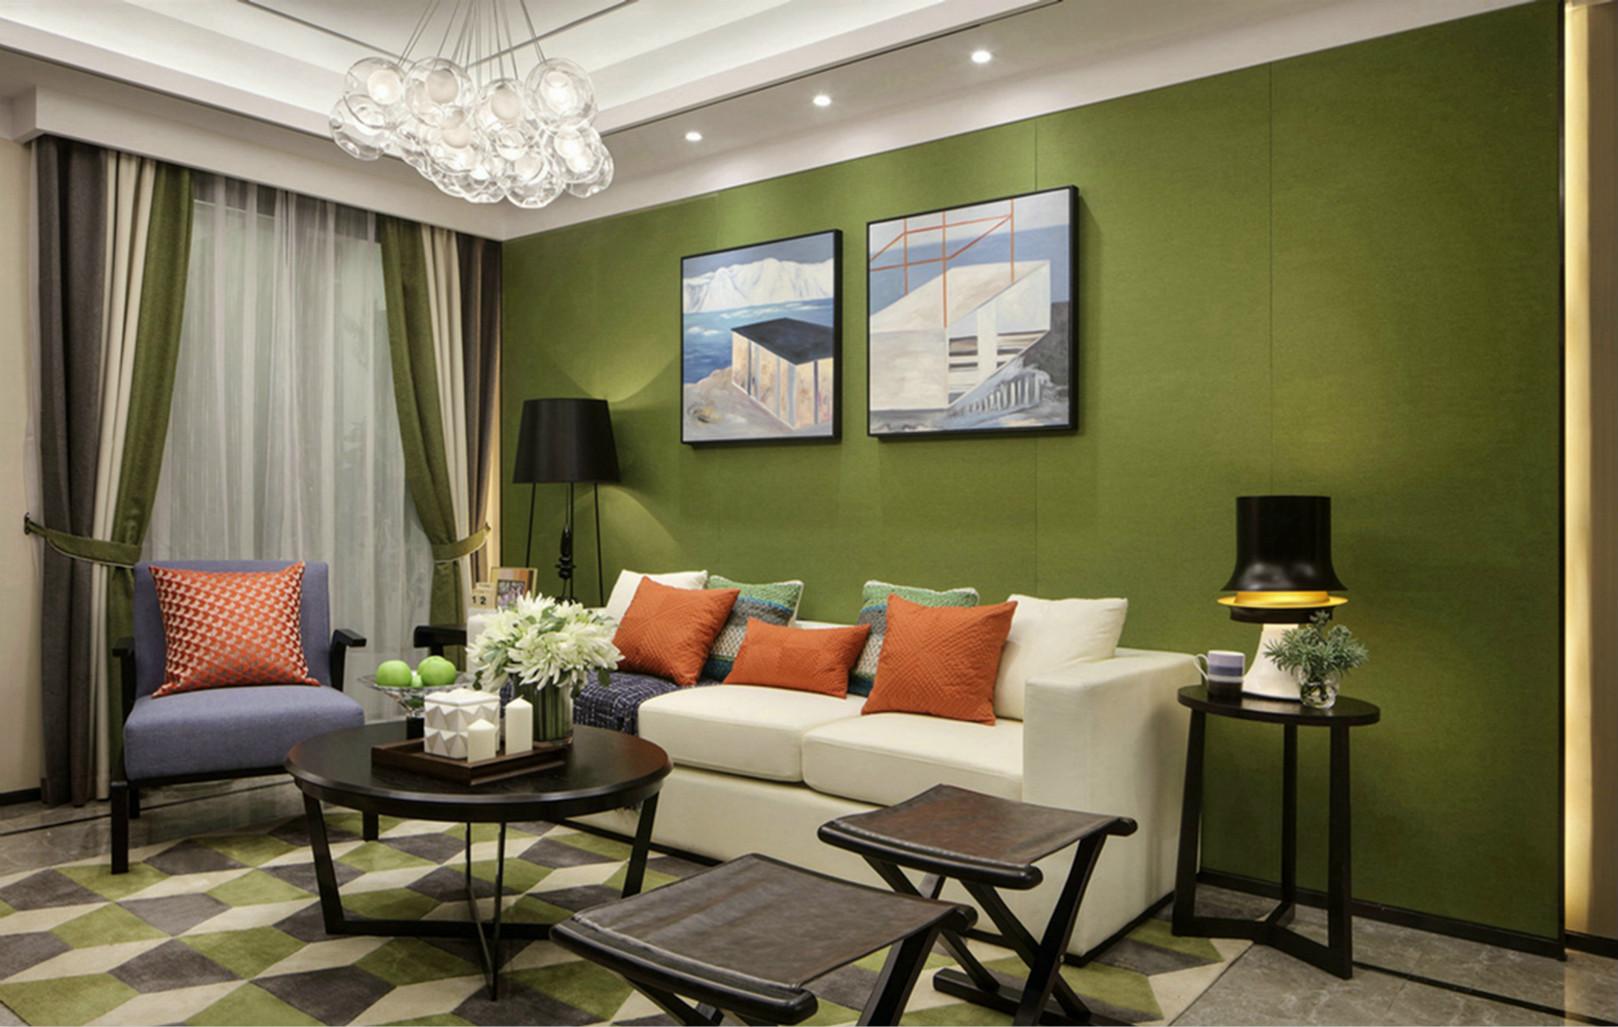 沙发背景墙以绿色为主,挂着画像配上黑色台灯,与整体相协调,连成一体。